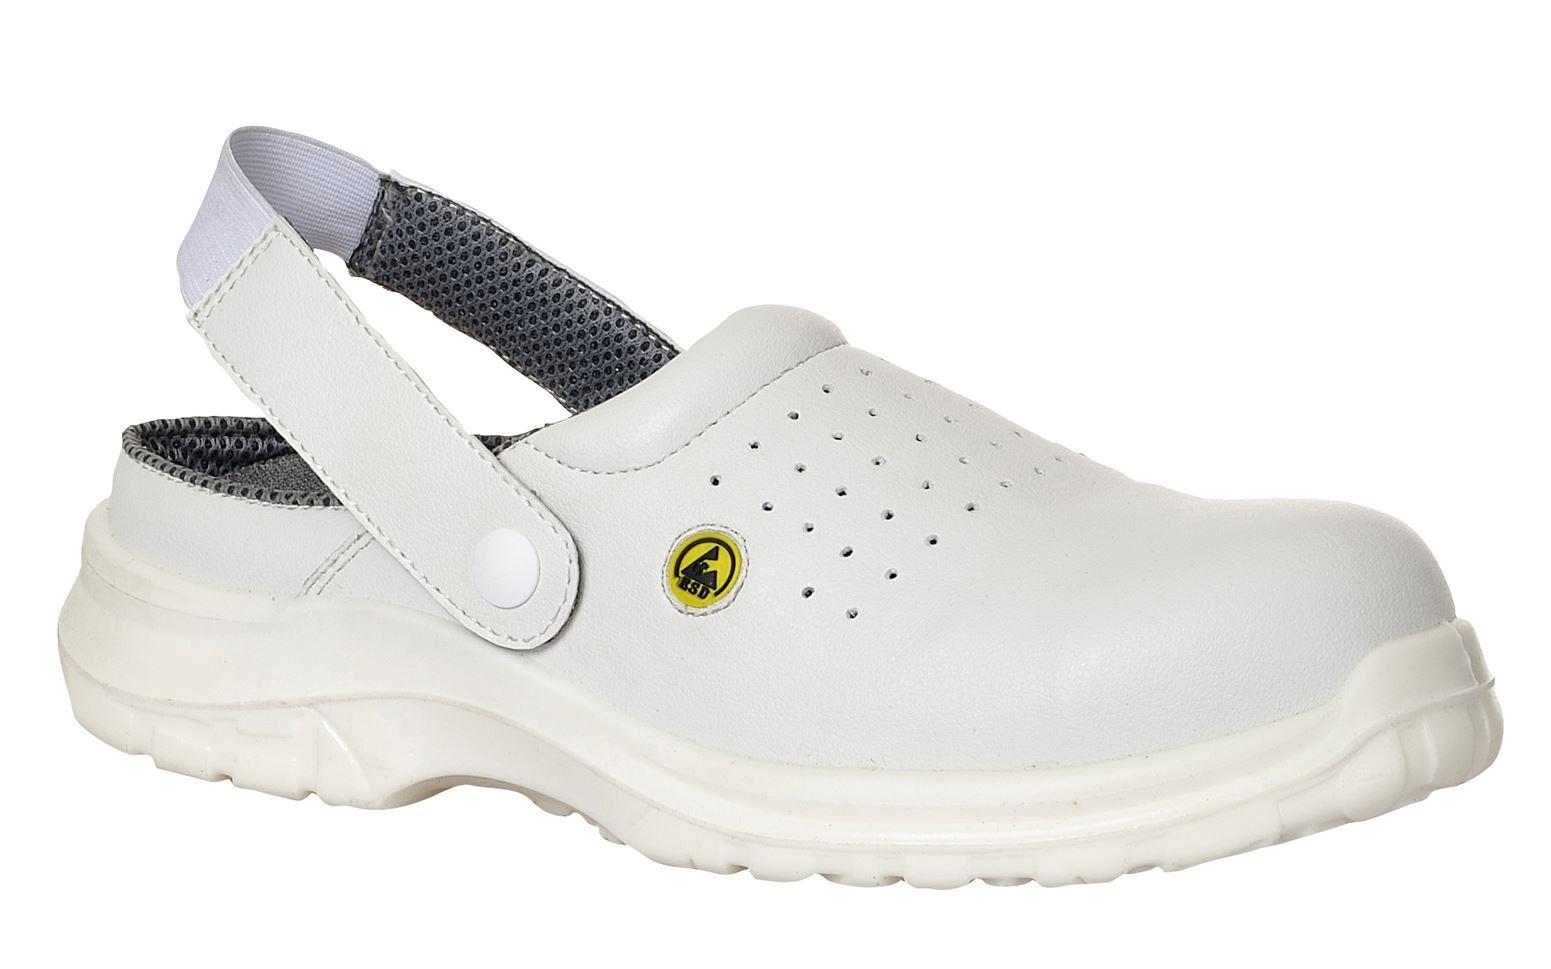 Closed ESD shoes - spajkovanie.sk / esdshop.eu / esdshop.cz (e-shop